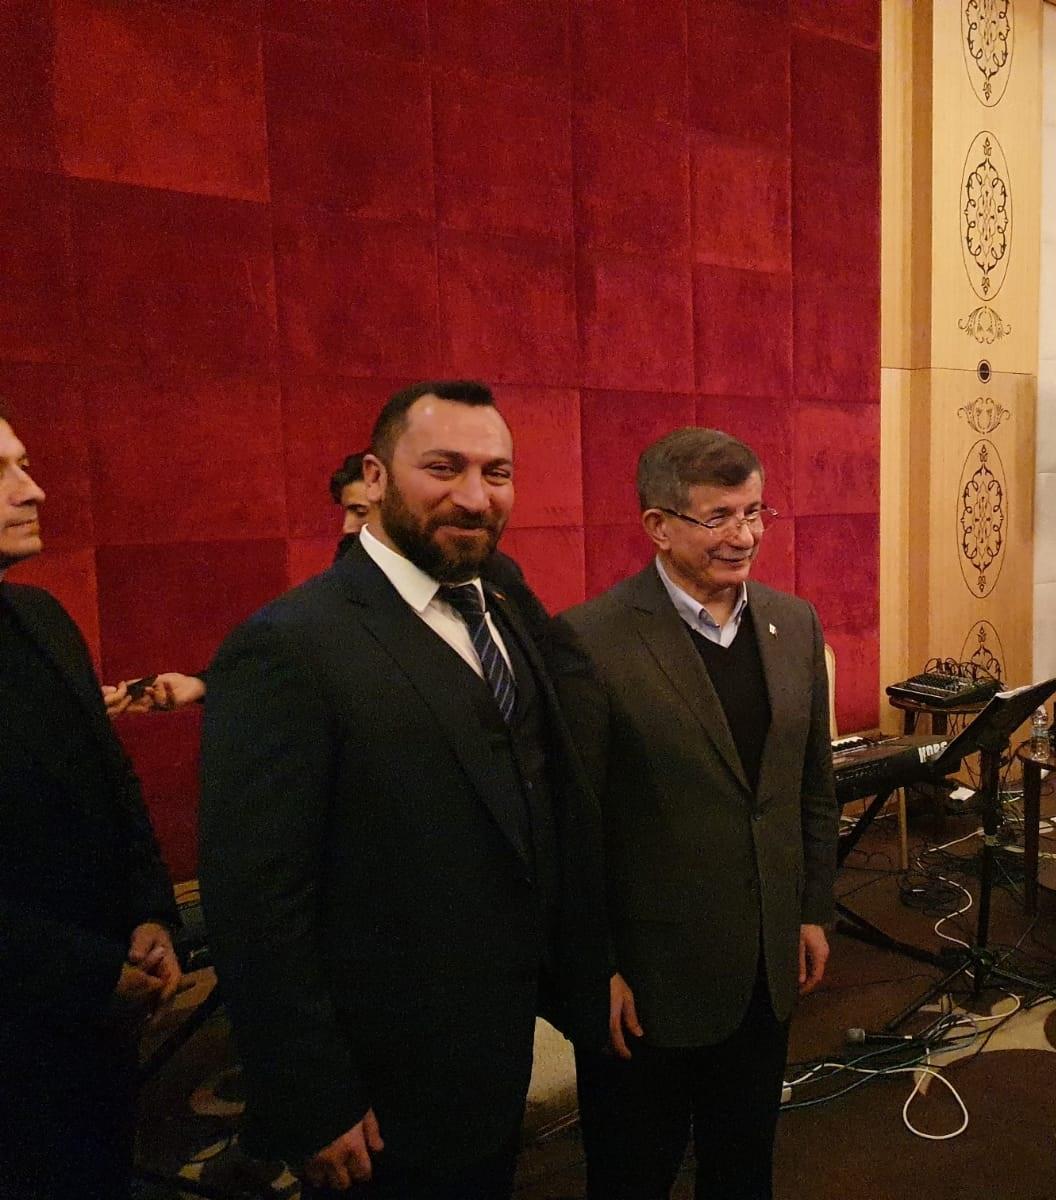 Gelecek Partisi Genel Merkez Sivil Toplum ve Halkla İlişkiler Başkan Yardımcısı Oğuz Şalvız'Dan Bayram Mesajı